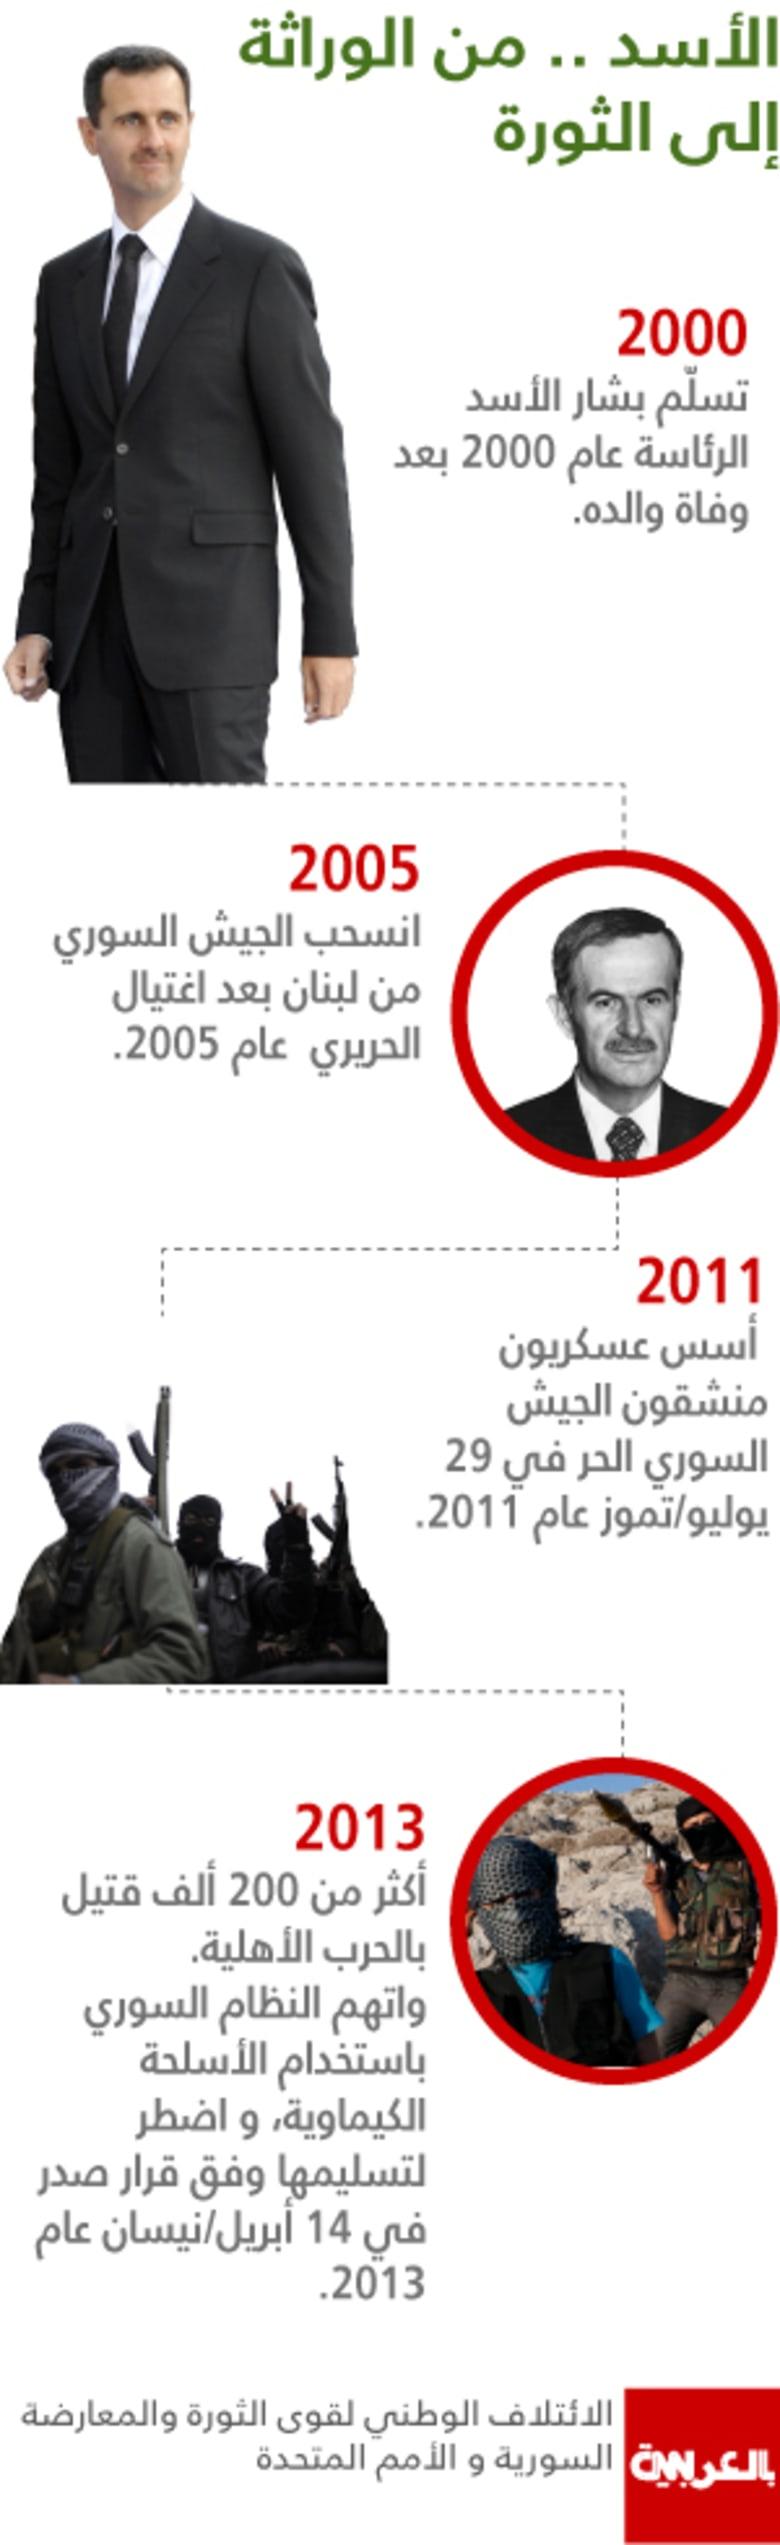 مع تقدم المعارضة شمالا وجنوبا: بشار الأسد.. من الوراثة إلى الثورة